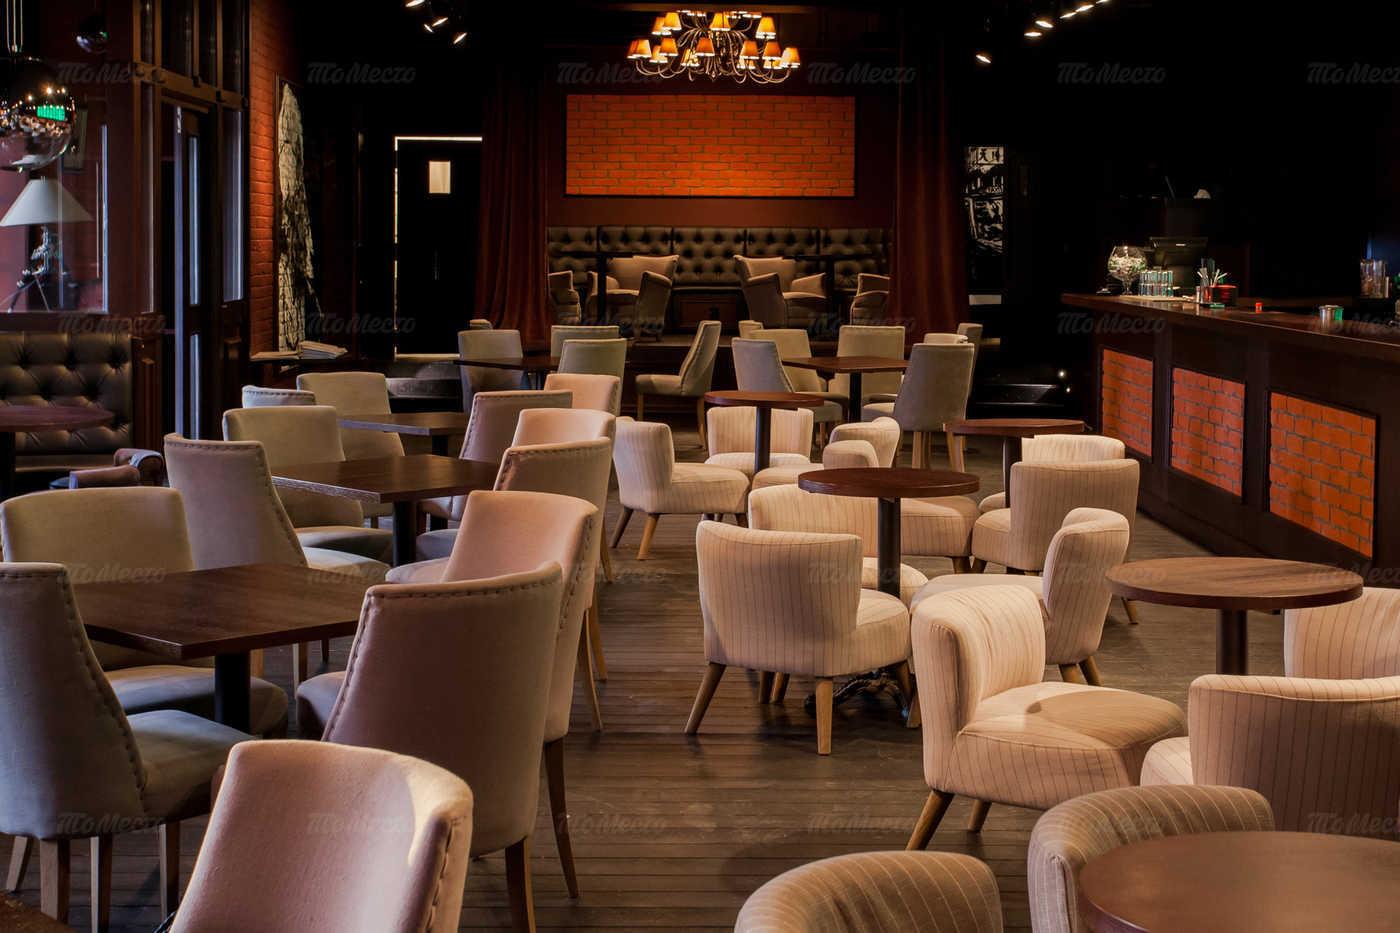 Меню бара, кафе Joys bar (Джойс бар) в Берсеневском переулке